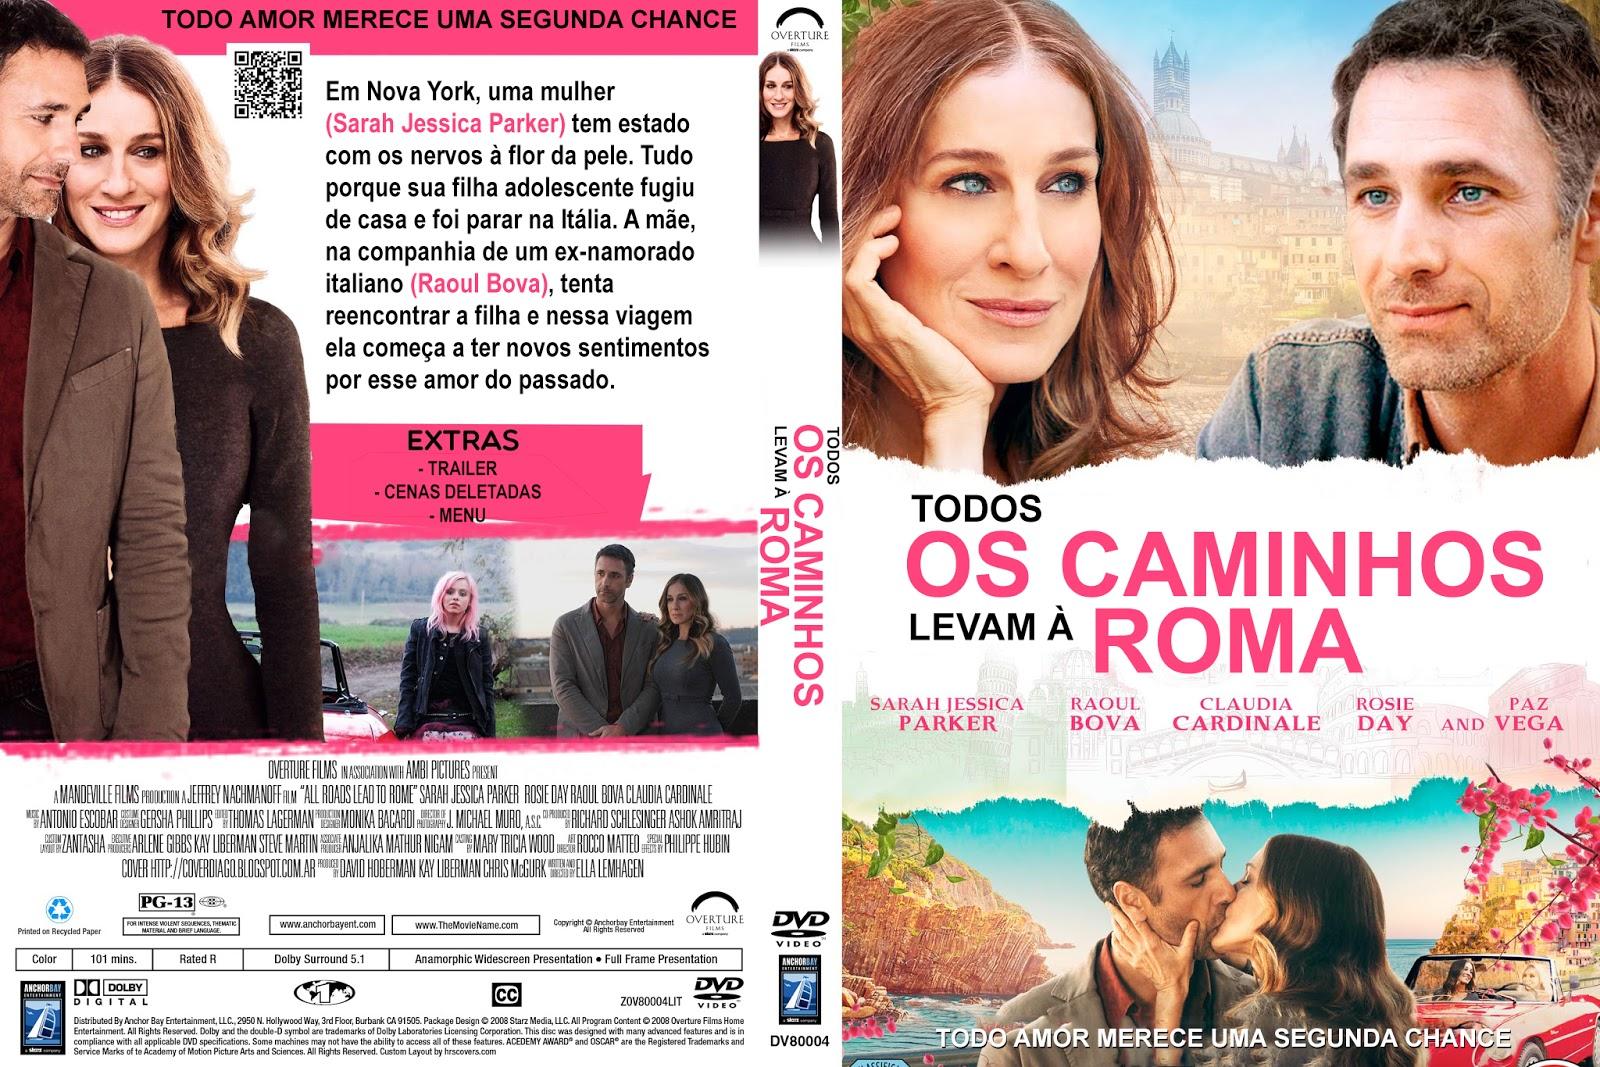 Todos Os Caminhos Levam A Roma DVDRip XviD Dual Áudio Todos 2BOs 2BCaminhos 2BLevam 2BA 2BRoma 2BBDRip 2BXANDAODOWNLOAD